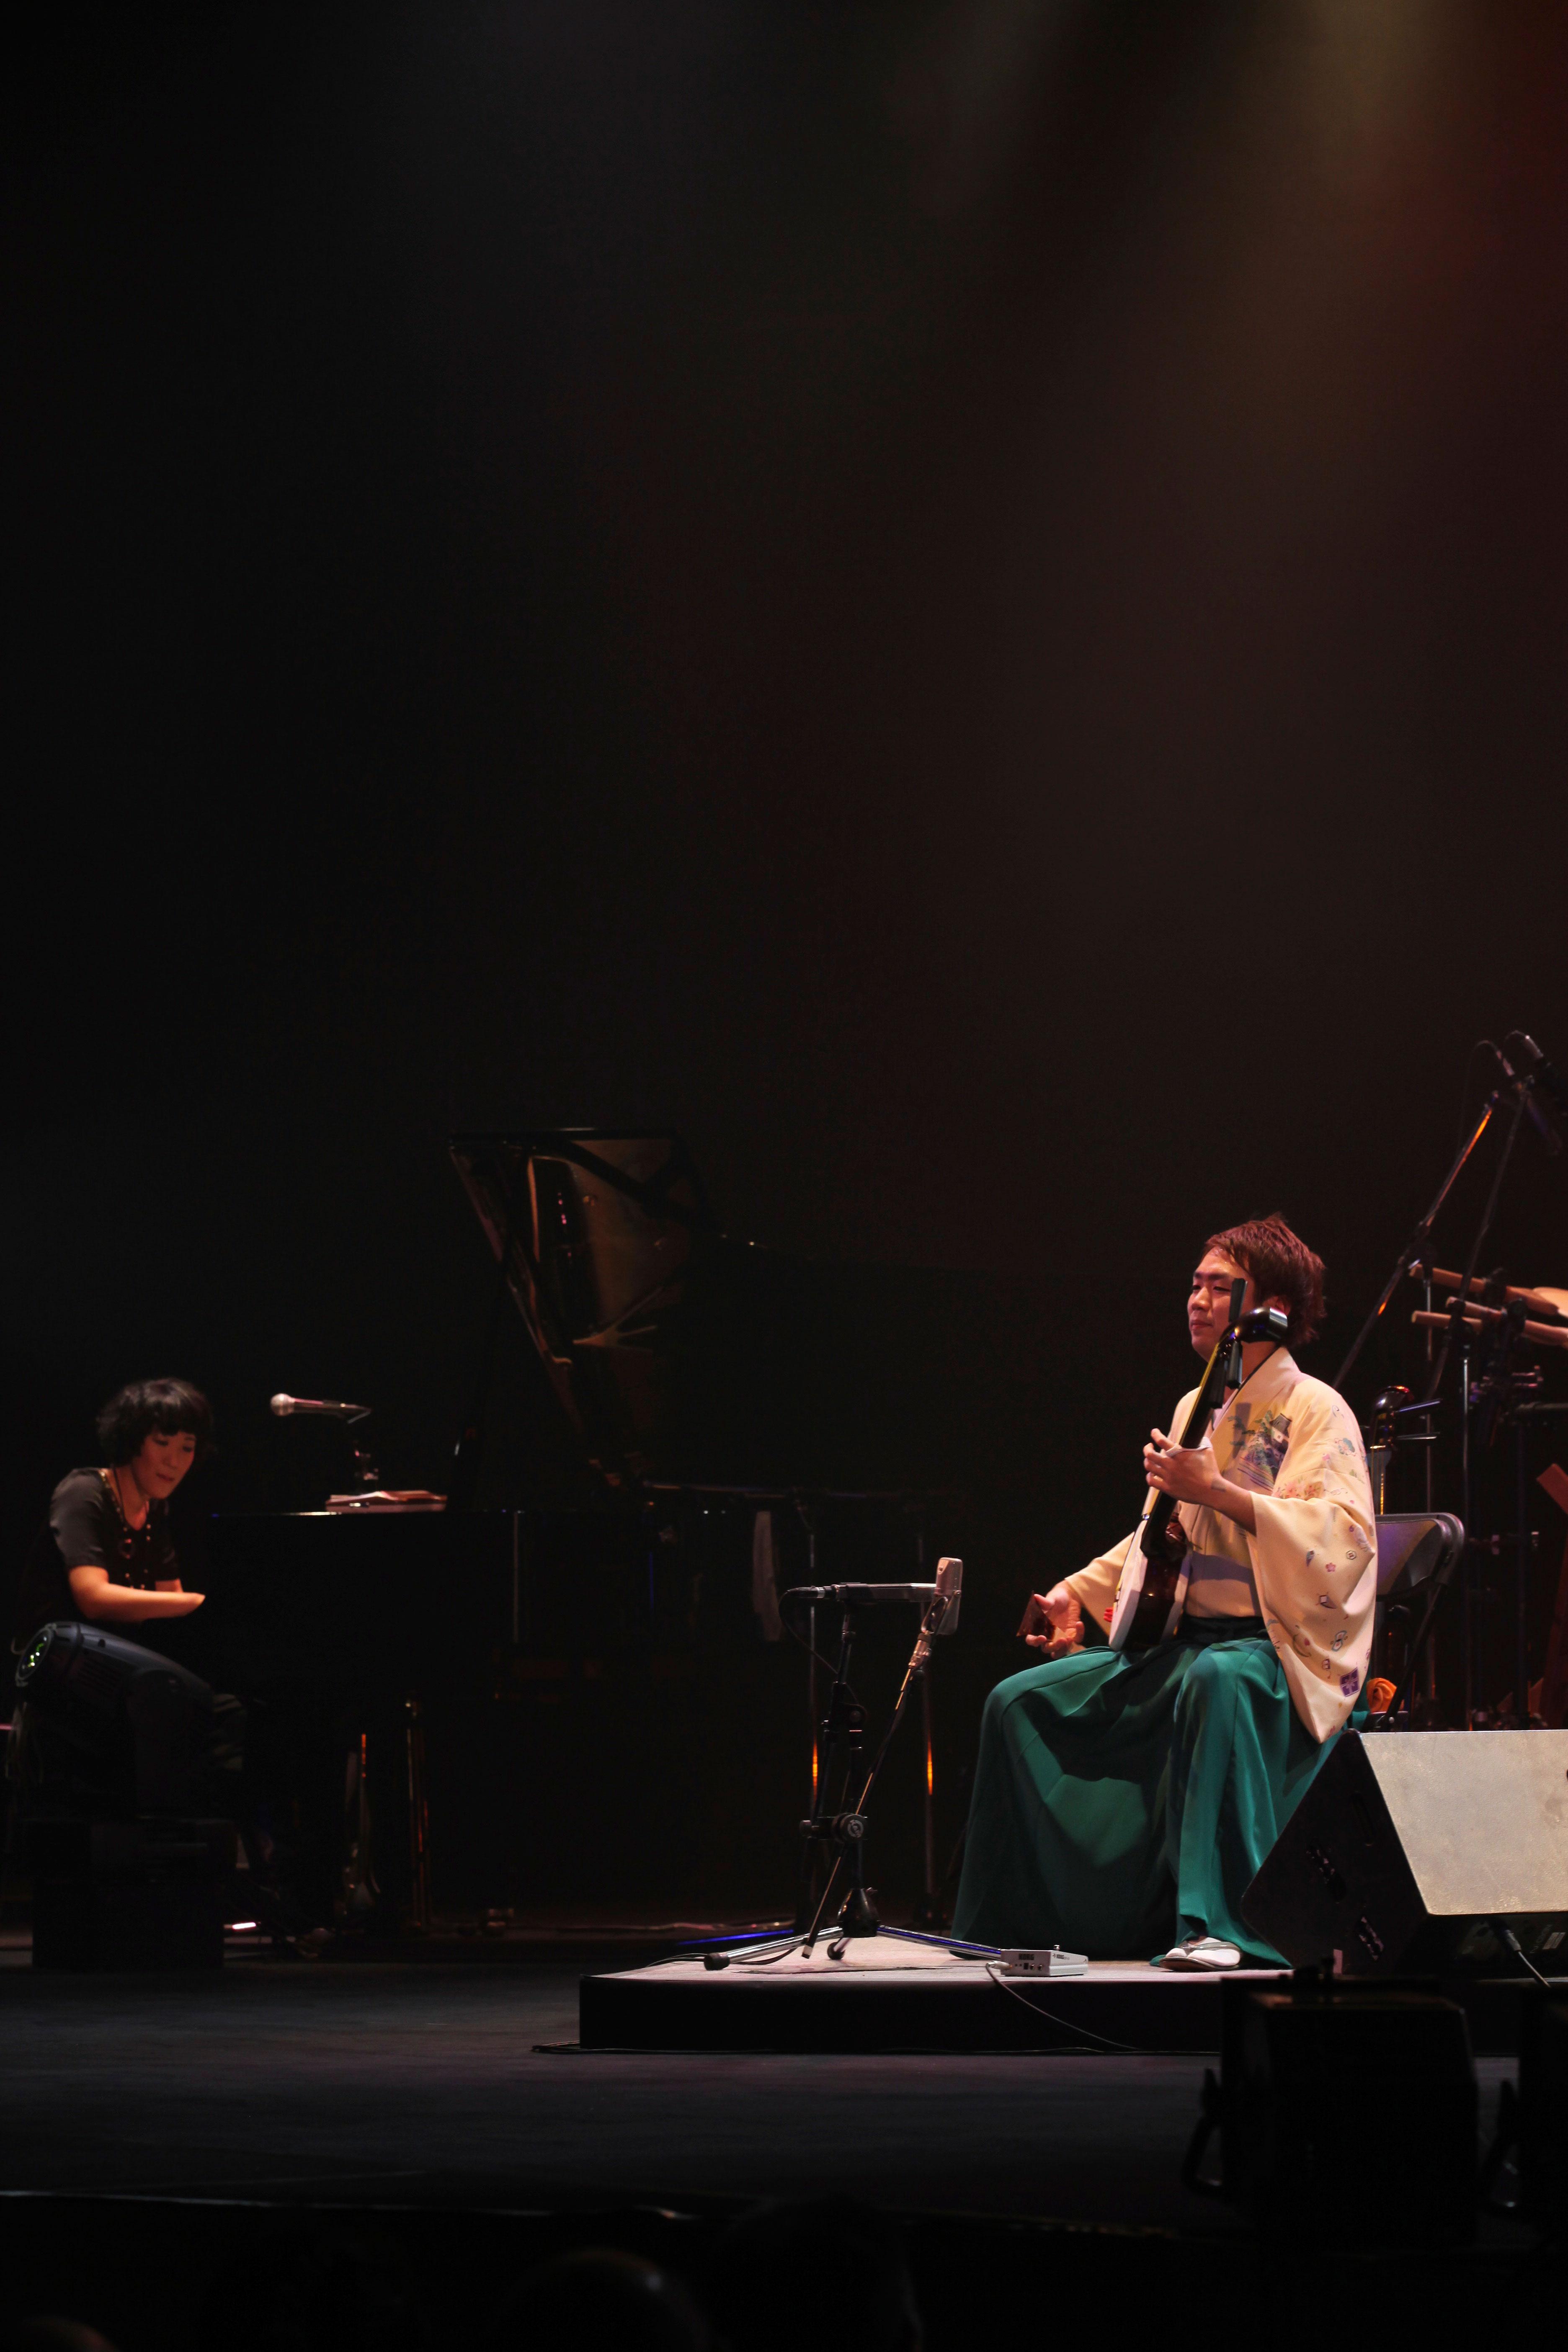 津軽三味線_永村幸治_2012_concert_27